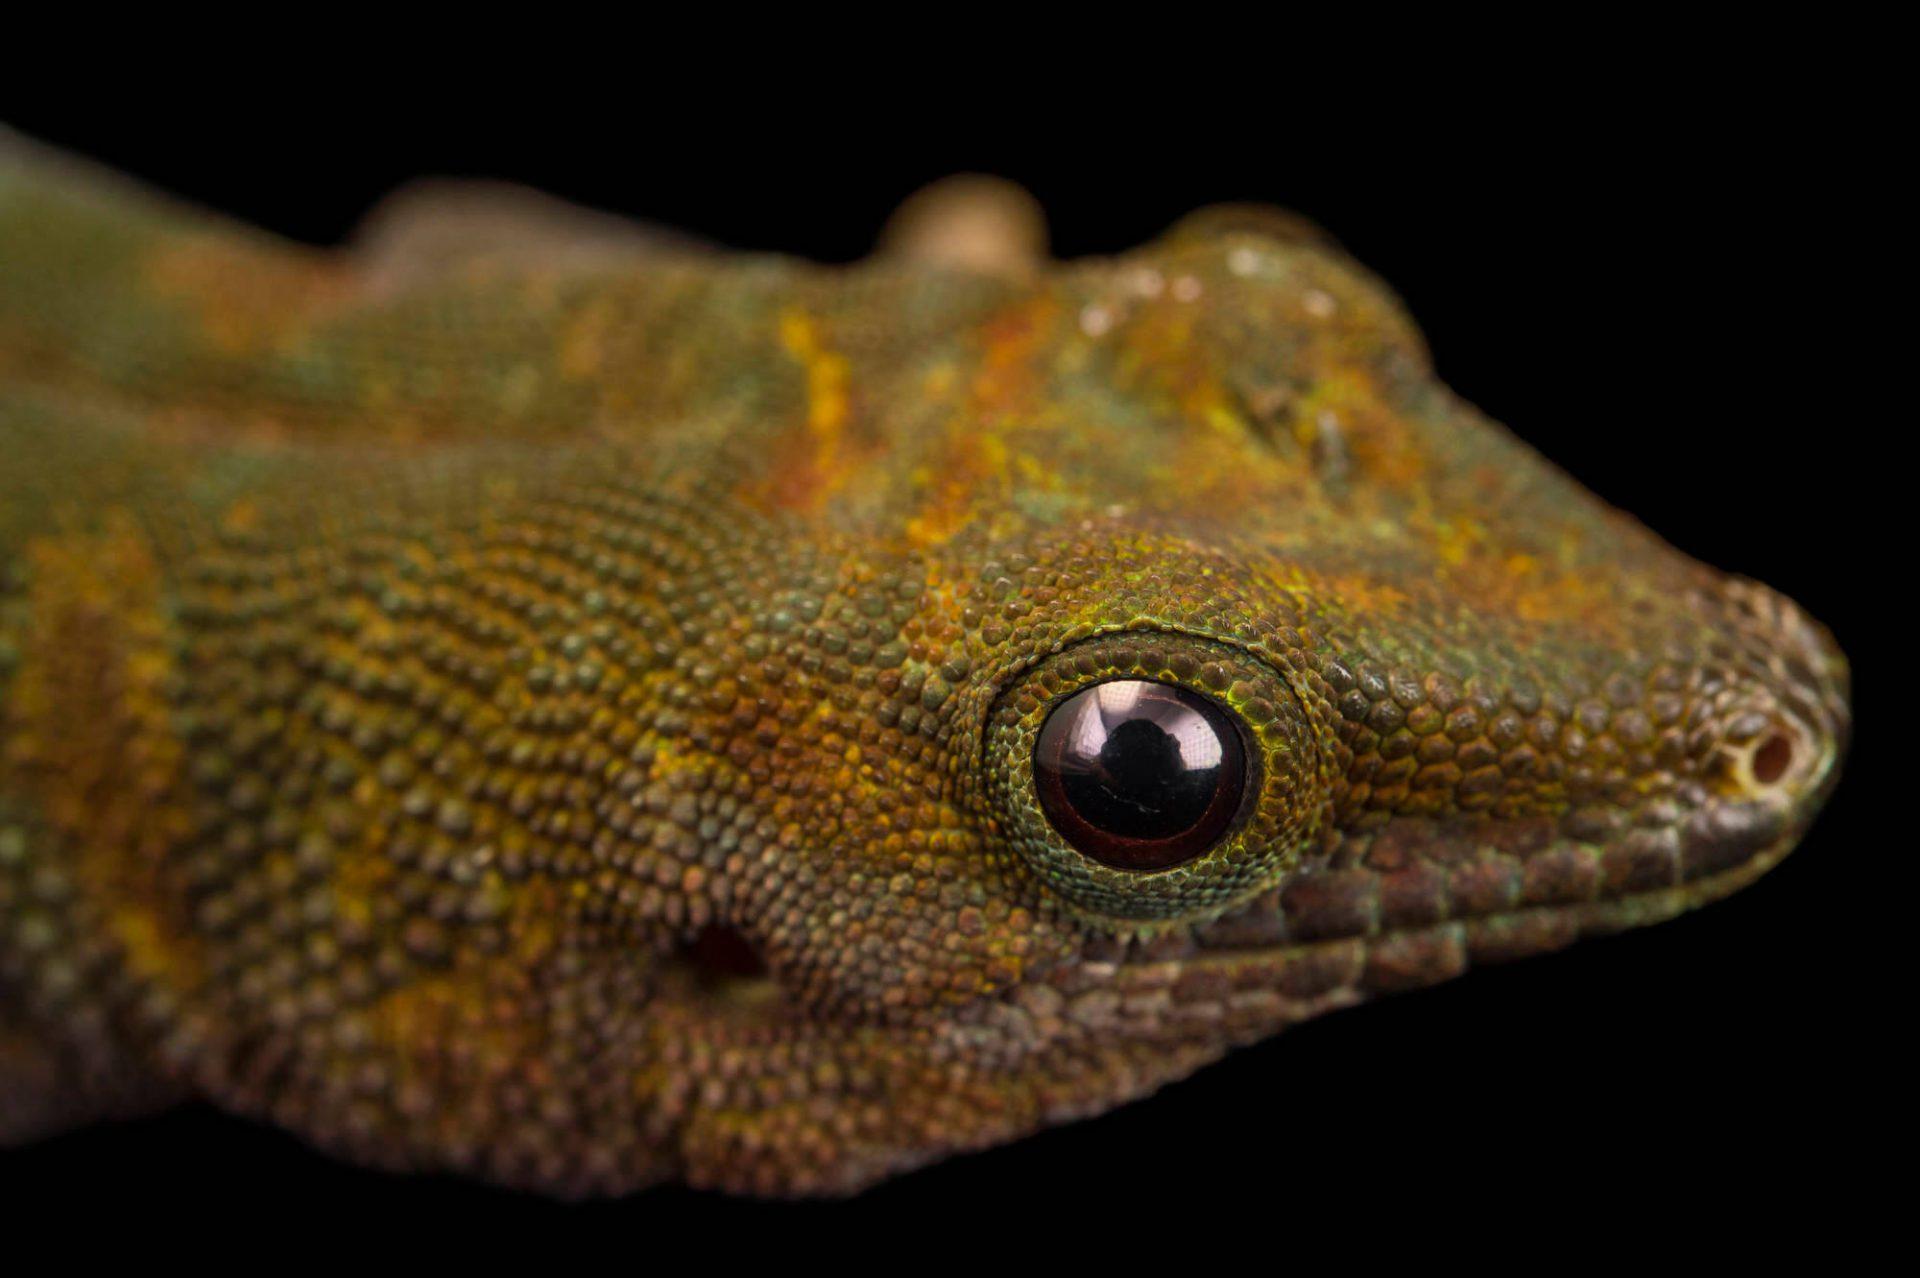 Photo: A Boehme's giant day gecko (Phelsuma madagascariensis boehmei) at the Plzen Zoo.